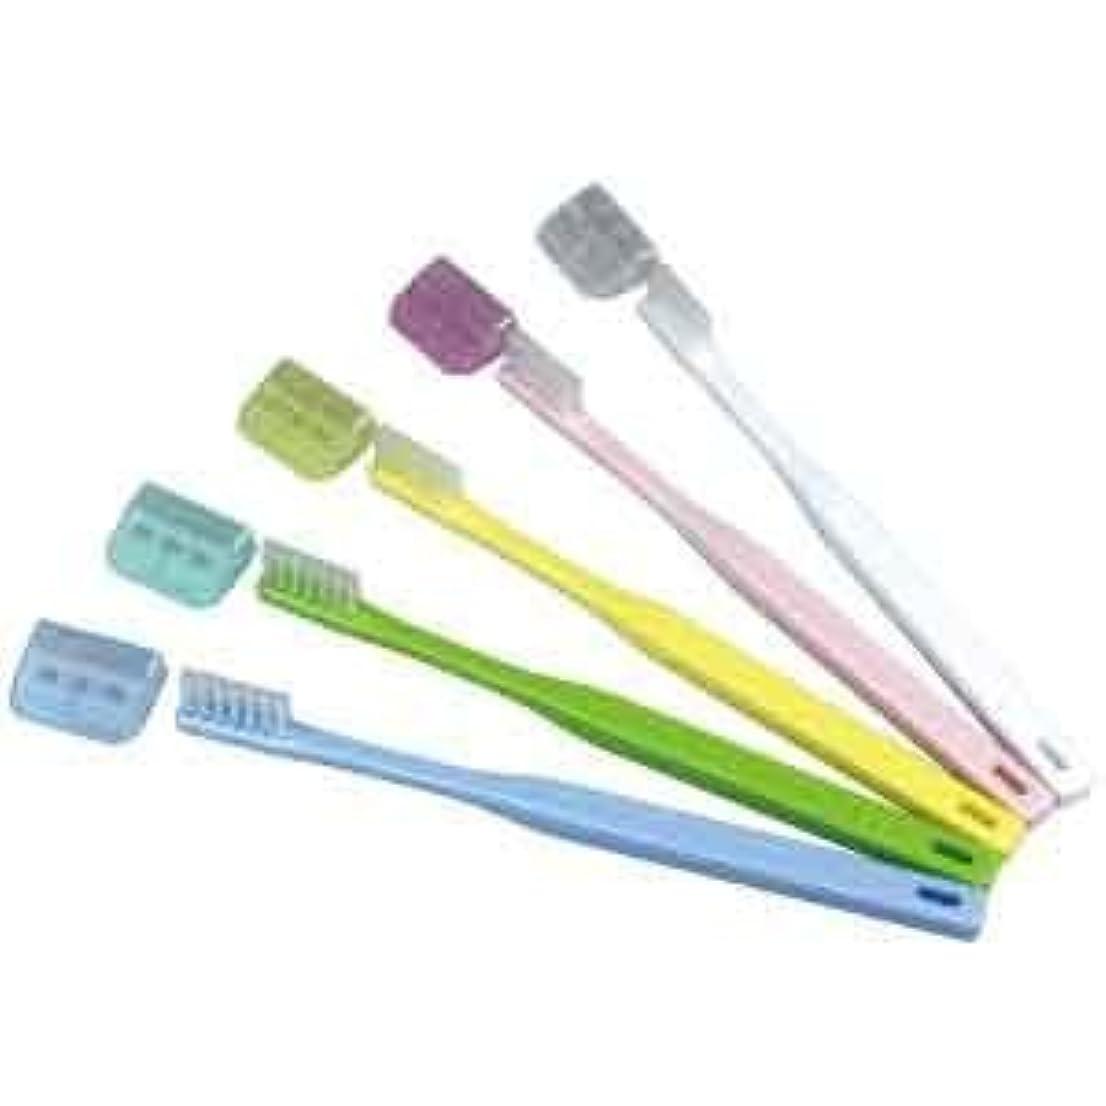 死すべき静かにましいV-7 歯ブラシ ふつう レギュラーヘッド/10本入り